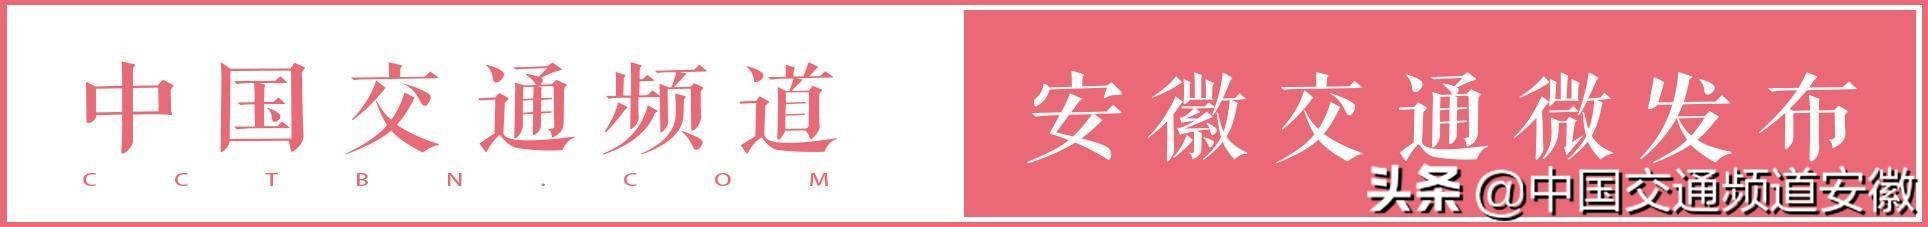 最新!江西90后女副县长杨沁被免职(图)